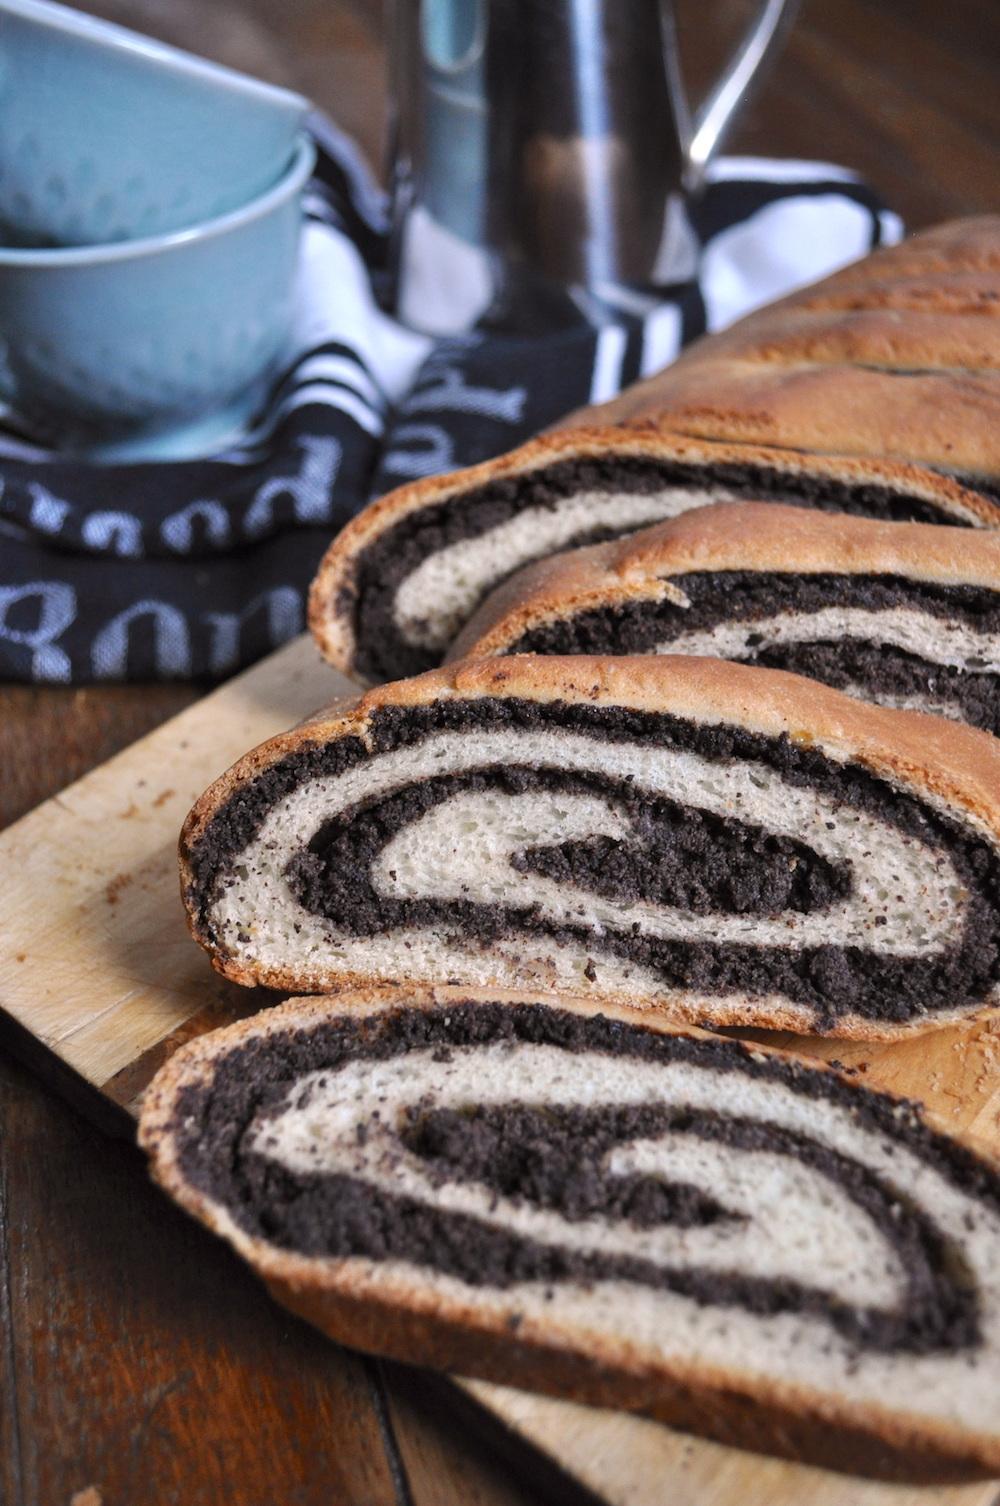 6: Poppy Seed Swirl Bread - Hell Yeah It's Vegan